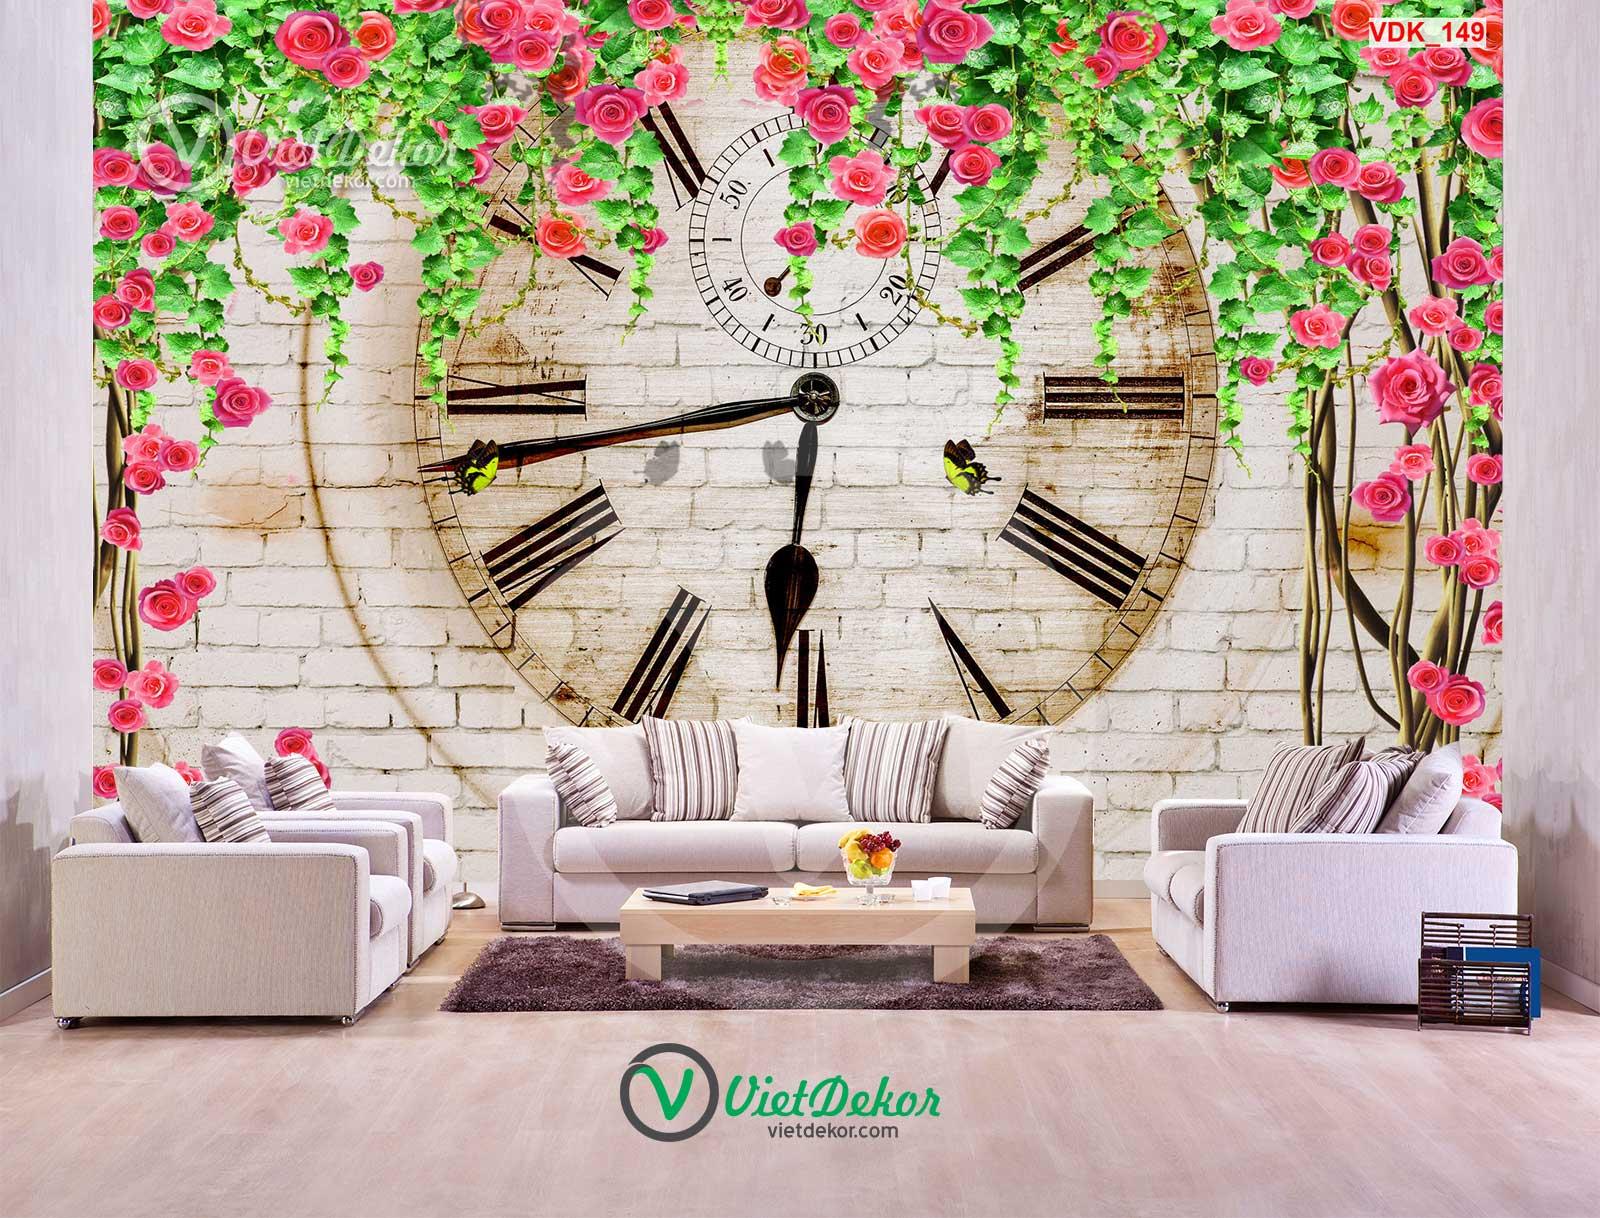 Tranh dán tường 3d hoa hồng leo